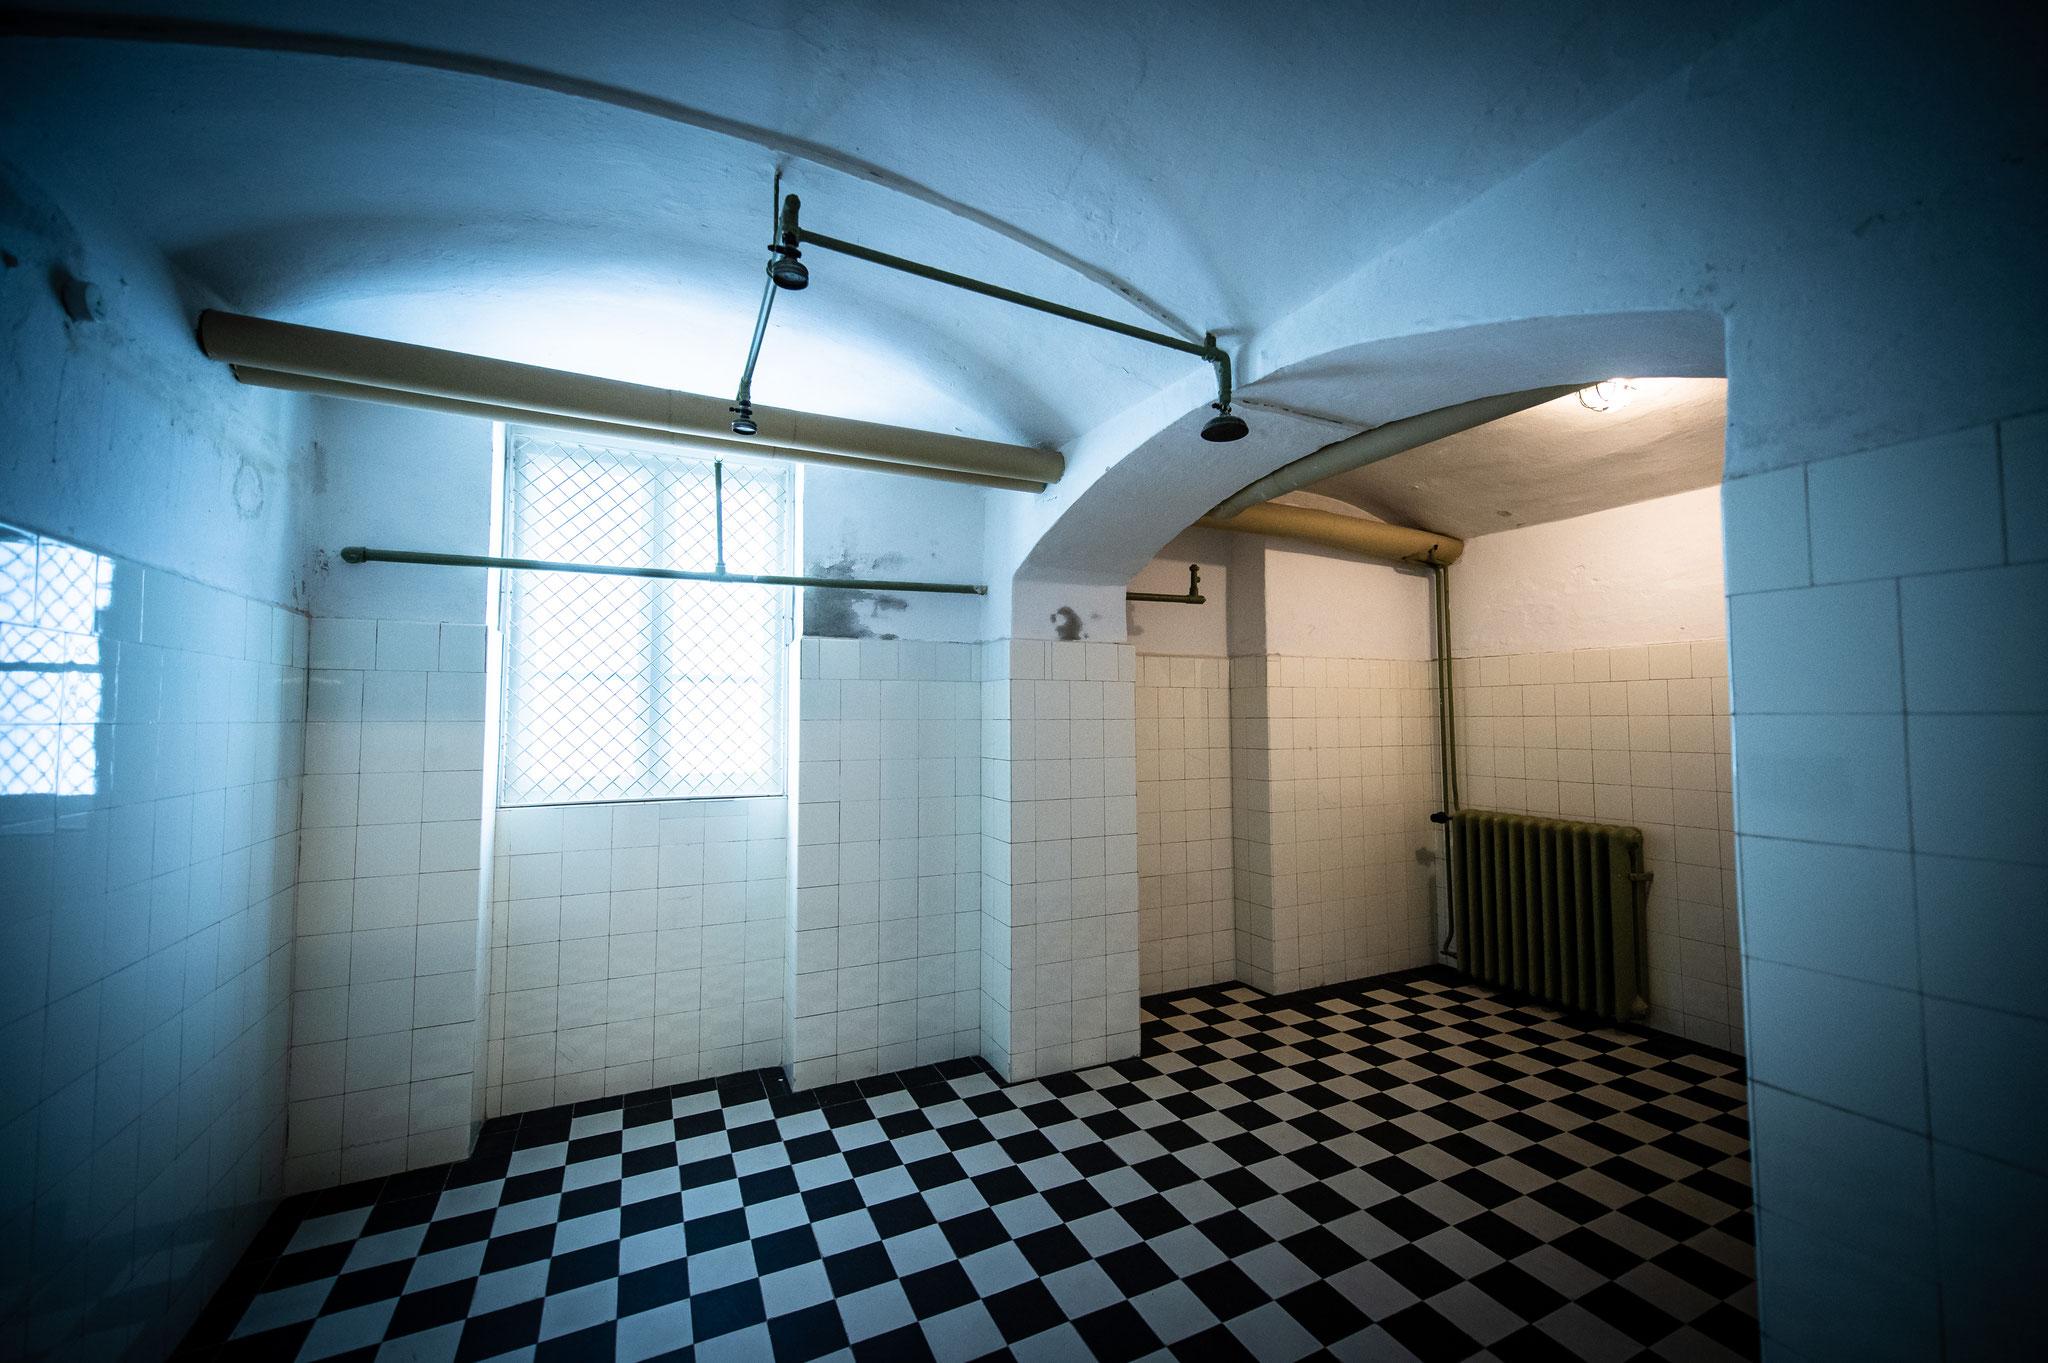 Gaskammer mit Lichtinstallation  © BERGZWO / André Stoeriko